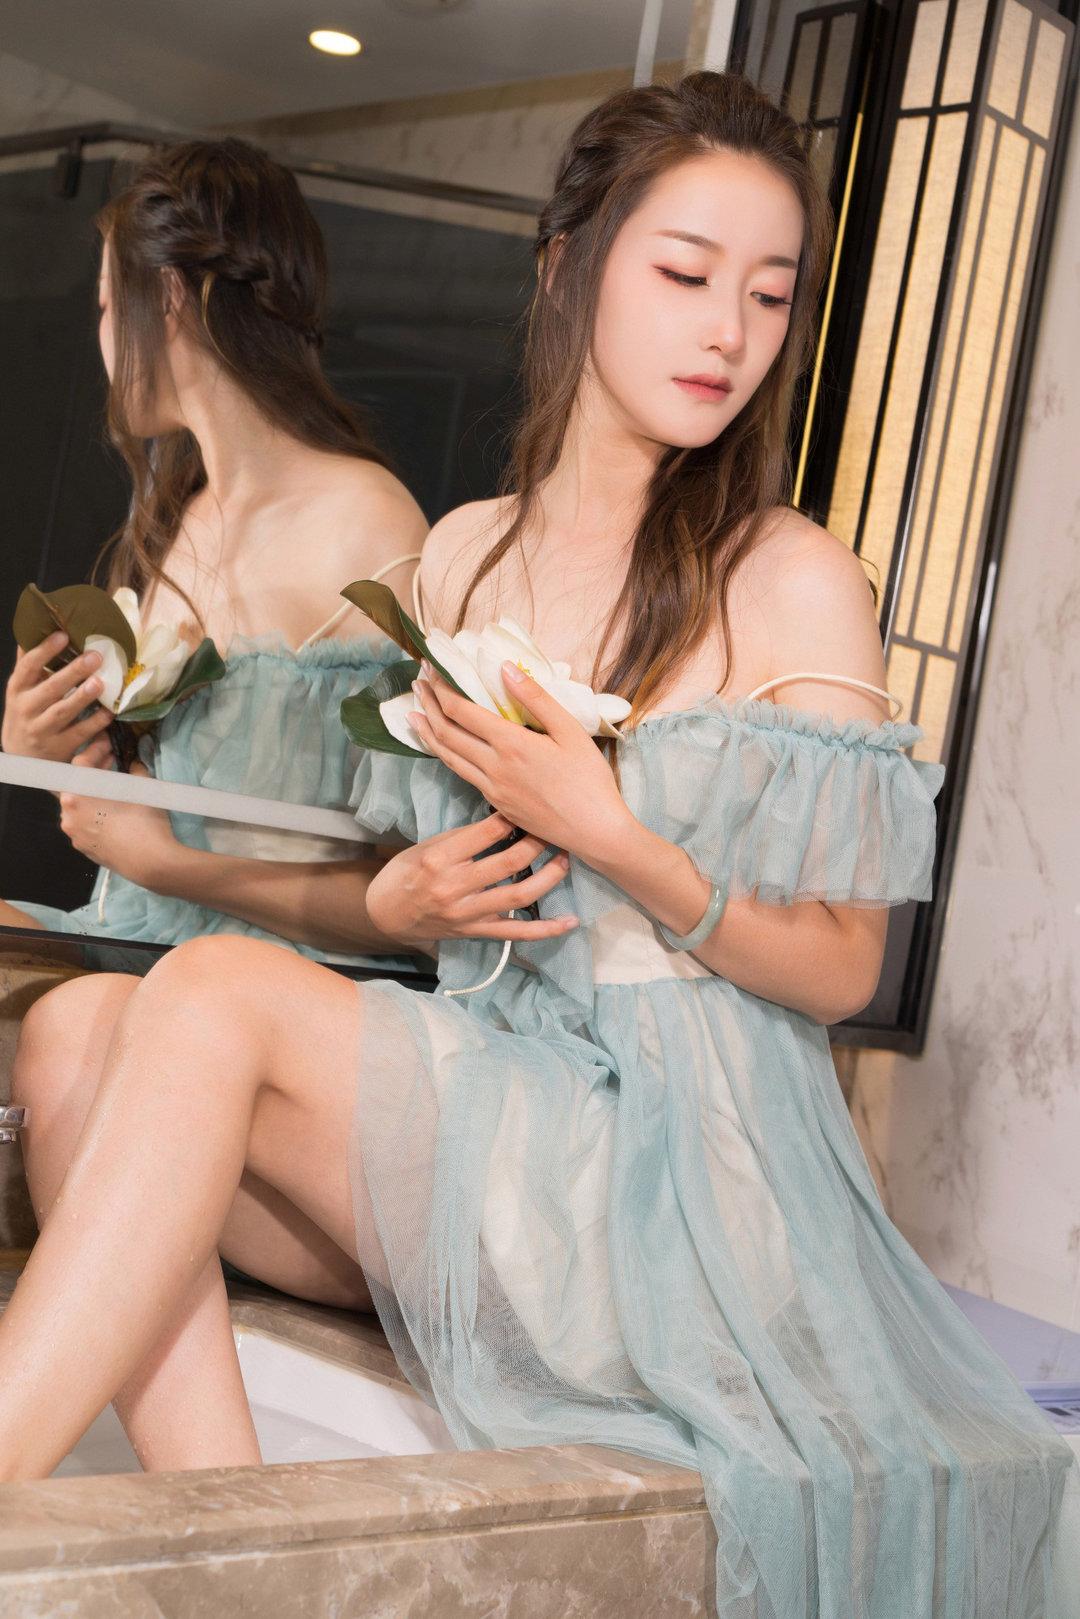 _清纯美女艺术写真 长发飘飘宛如世外仙子,杨暖女神肤如凝脂,美目盼兮